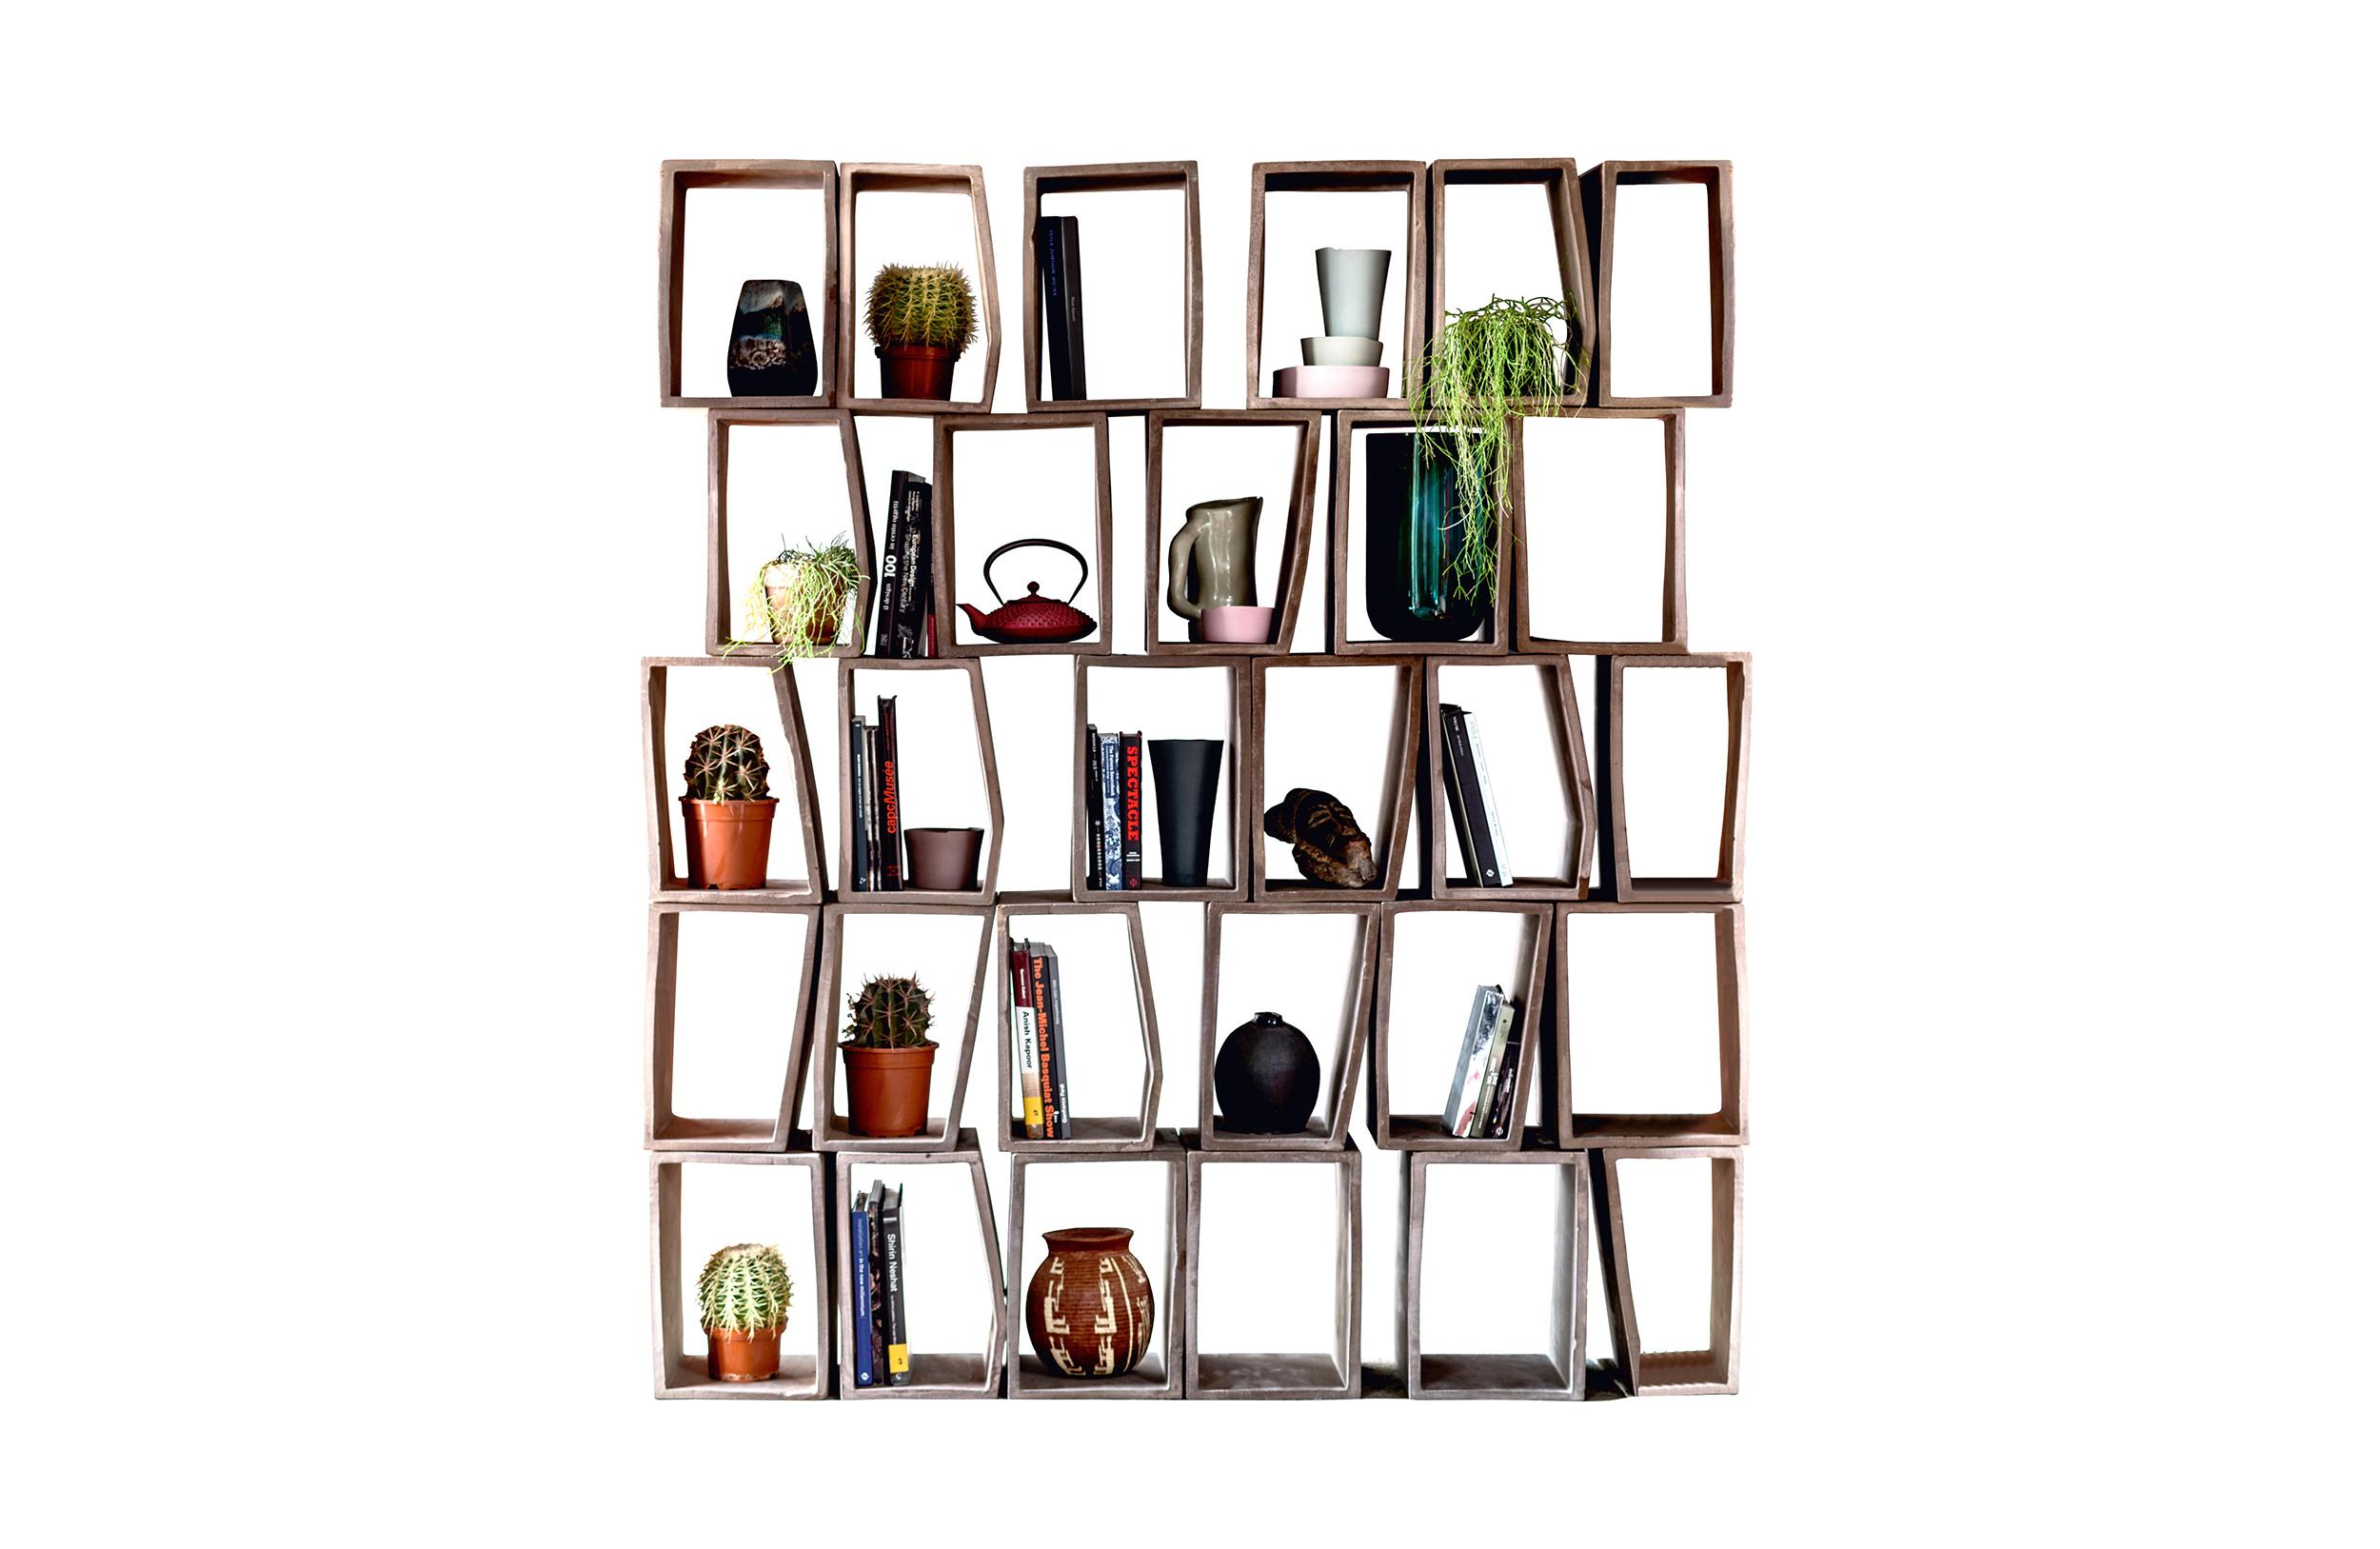 马尔科·卡萨蒙提 Marco Casamonti| 特里亚书架 Terreria Bookcase